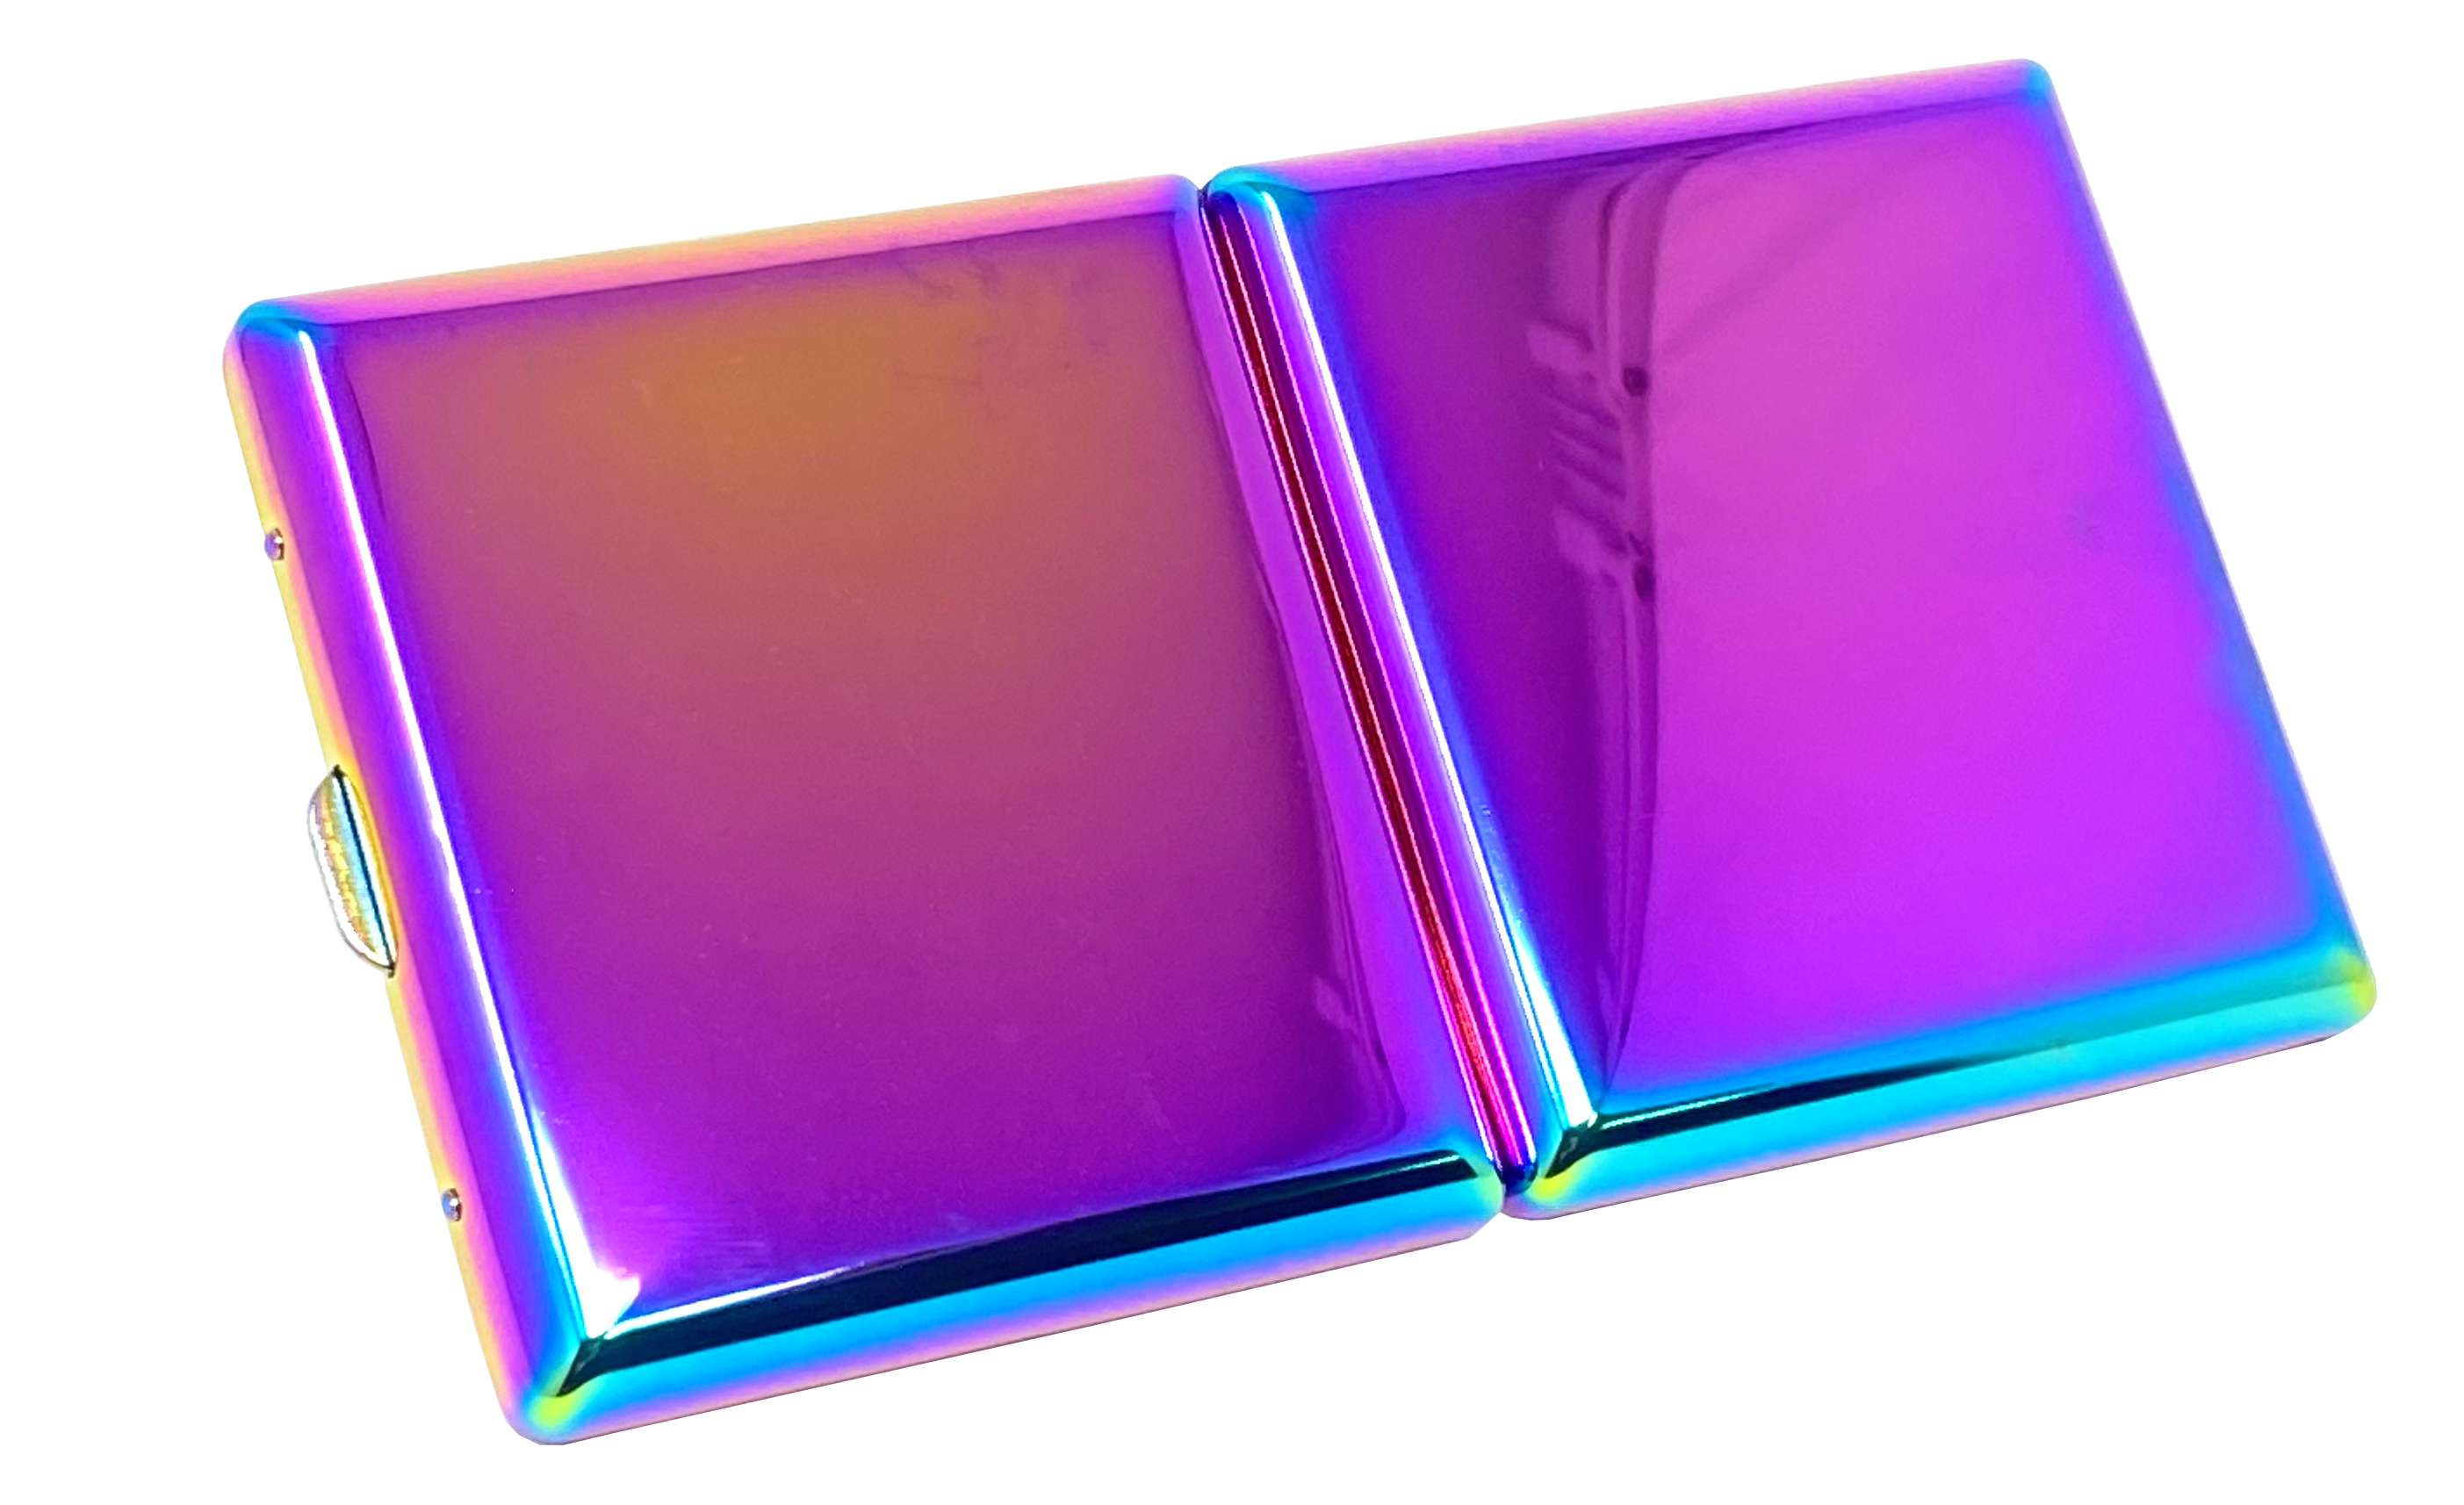 Seilershop Premium Metall Zigaretten-Etui Zigaretten-Box Schachtel in Multi Color Farben